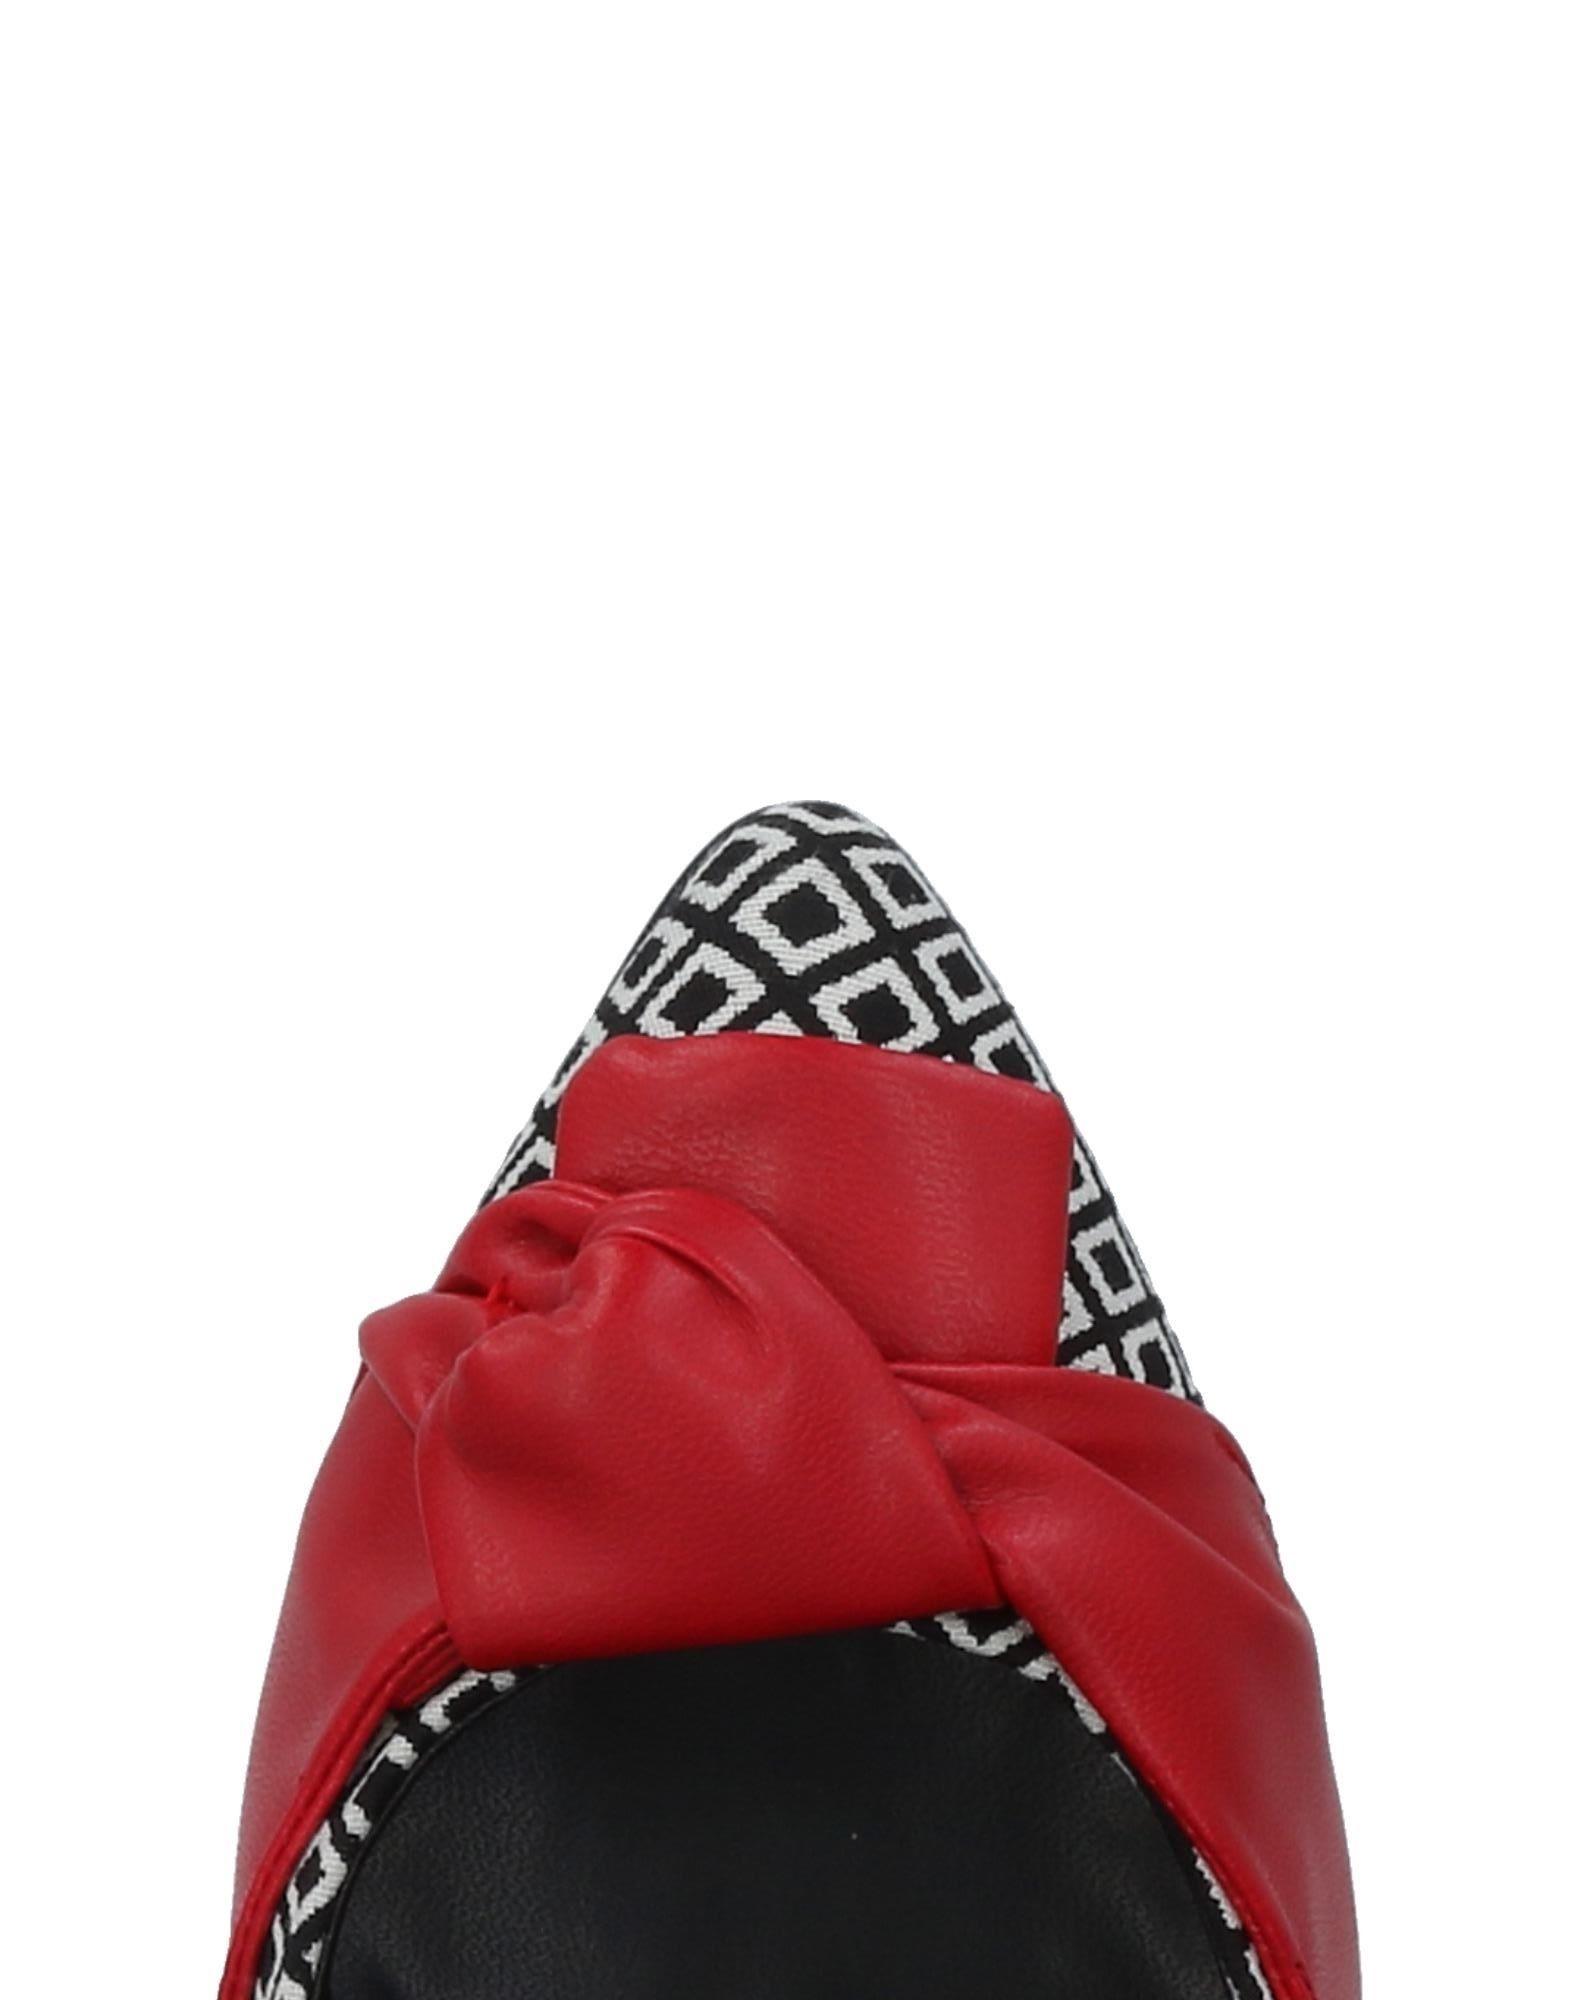 Pianurastudio Pumps Gute Damen  11480507TG Gute Pumps Qualität beliebte Schuhe 1fd725